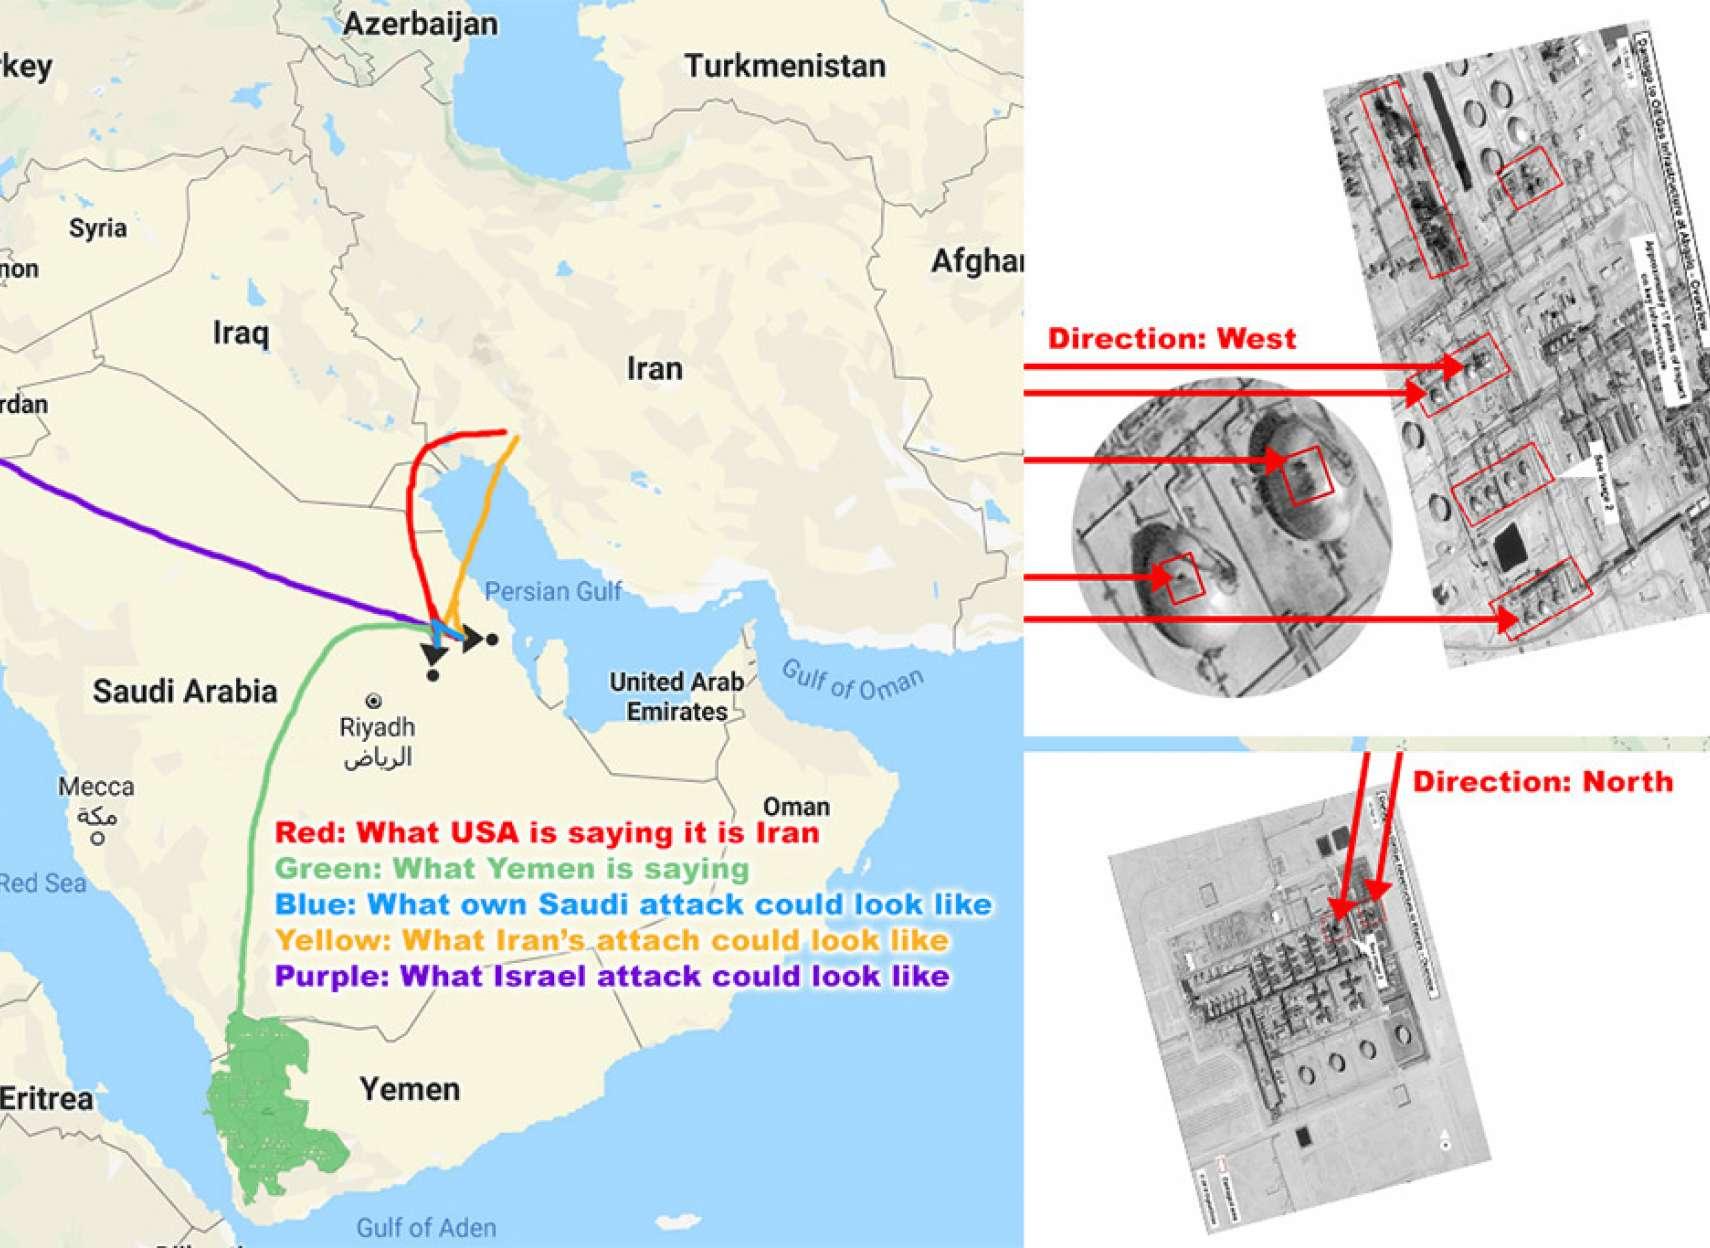 اخبار-جهان-حمله-به-تاسیسات-نفتی-عربستان-کار-چه-کسی-است